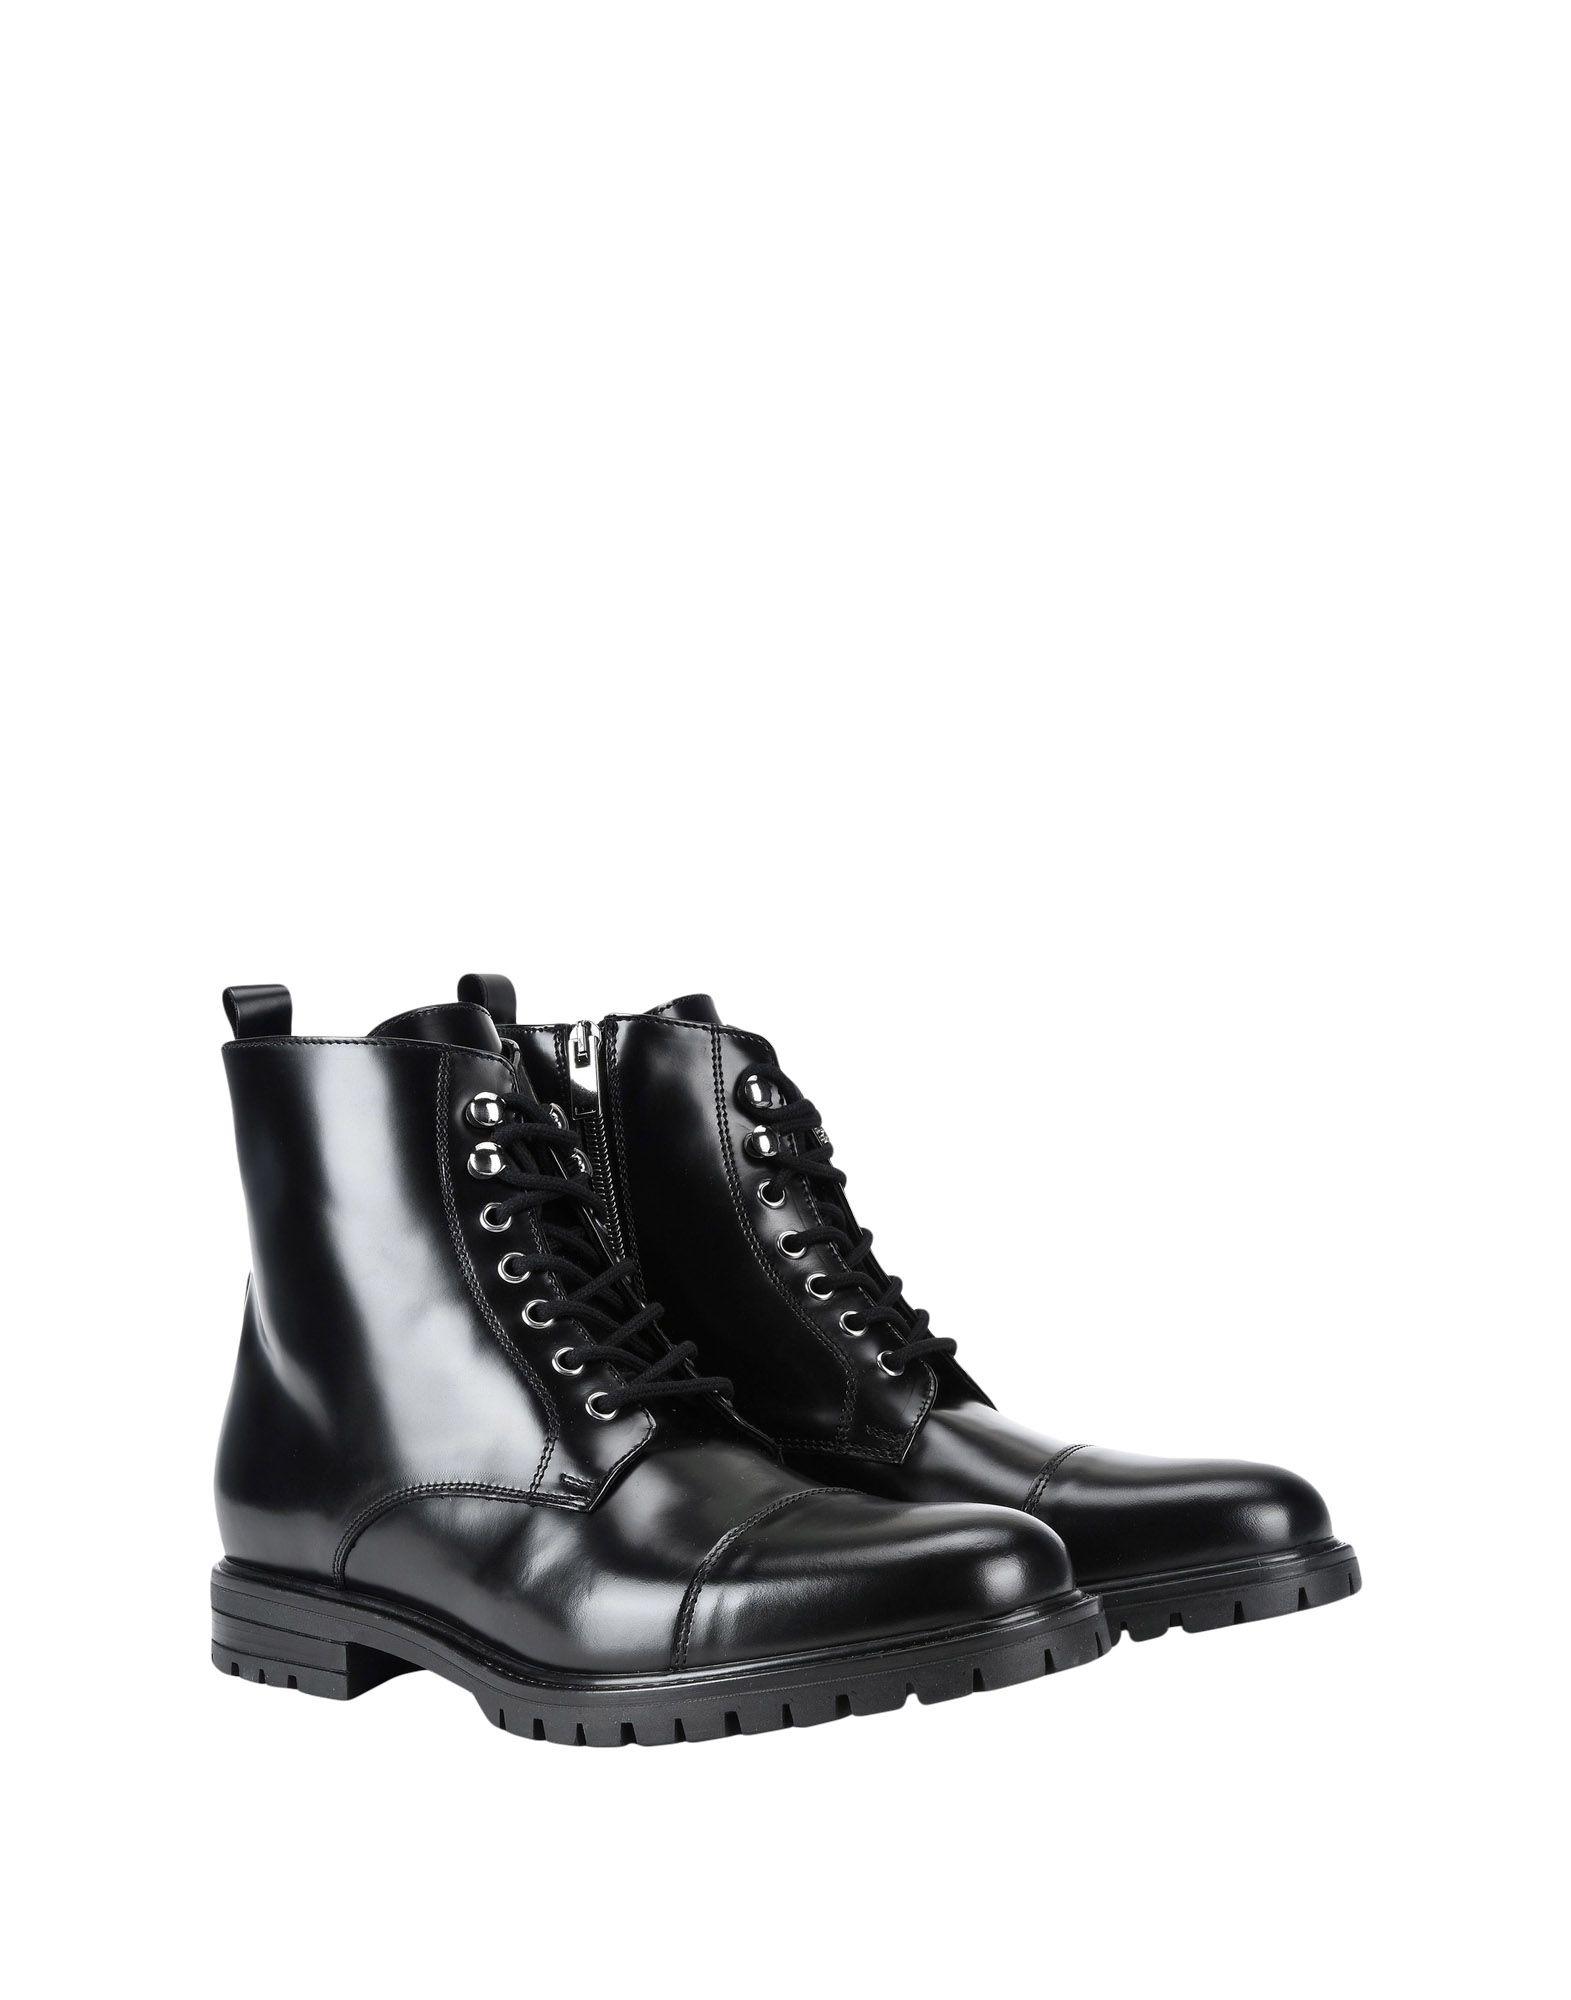 Ylati Heritage Stiefelette Herren  11483122BK Gute Qualität beliebte Schuhe